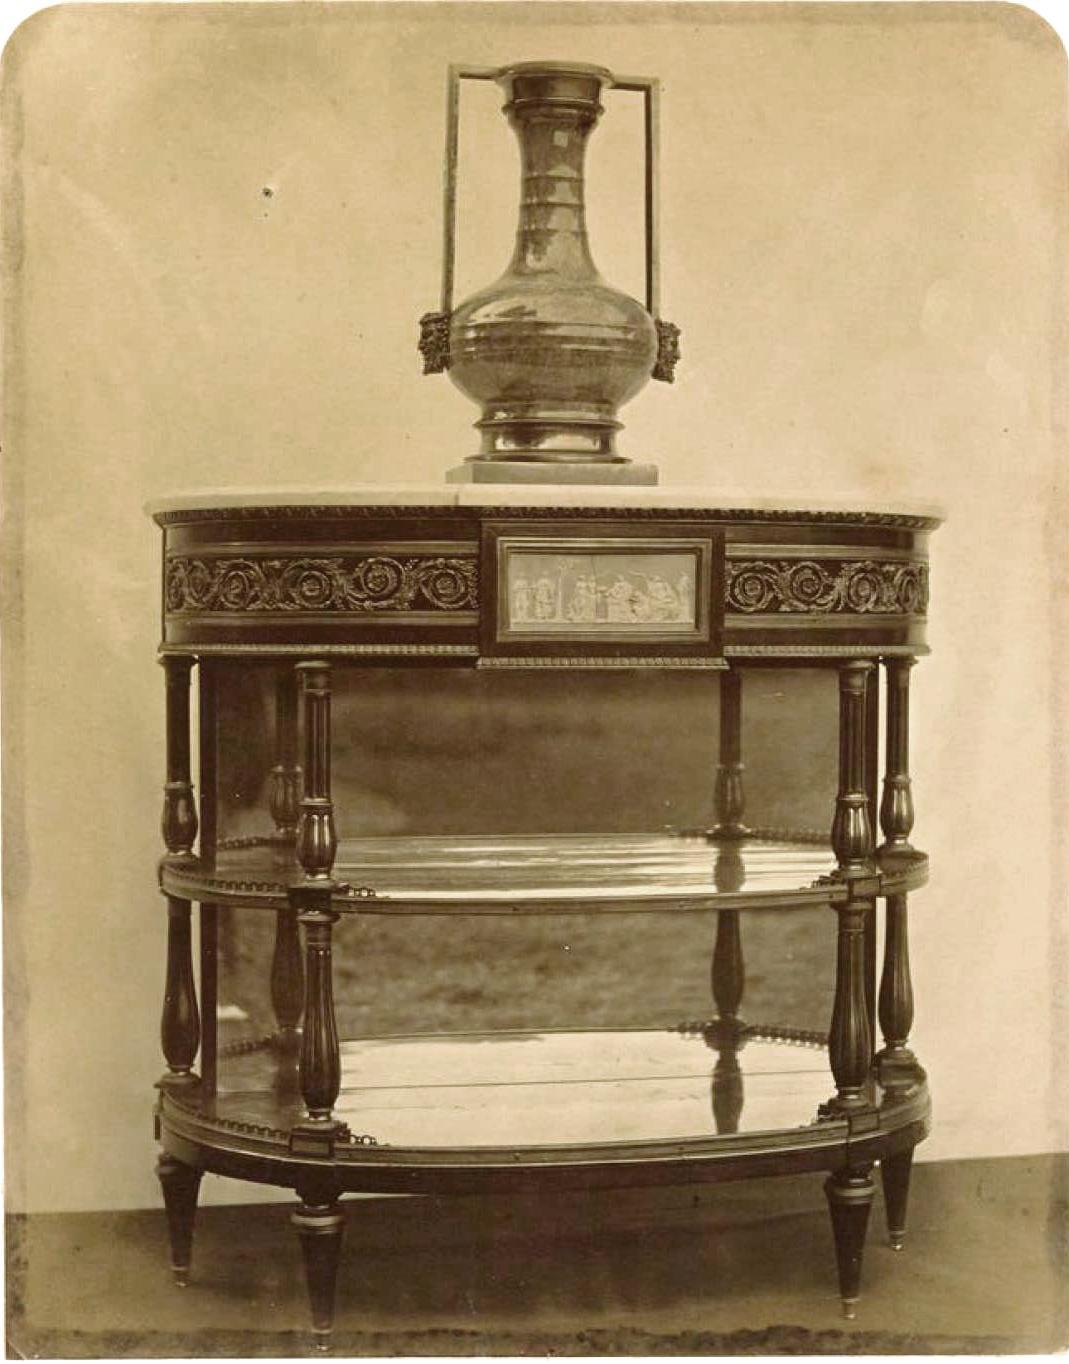 Этажерка с дисками из старого веджвудского фарфора (1780-1790)